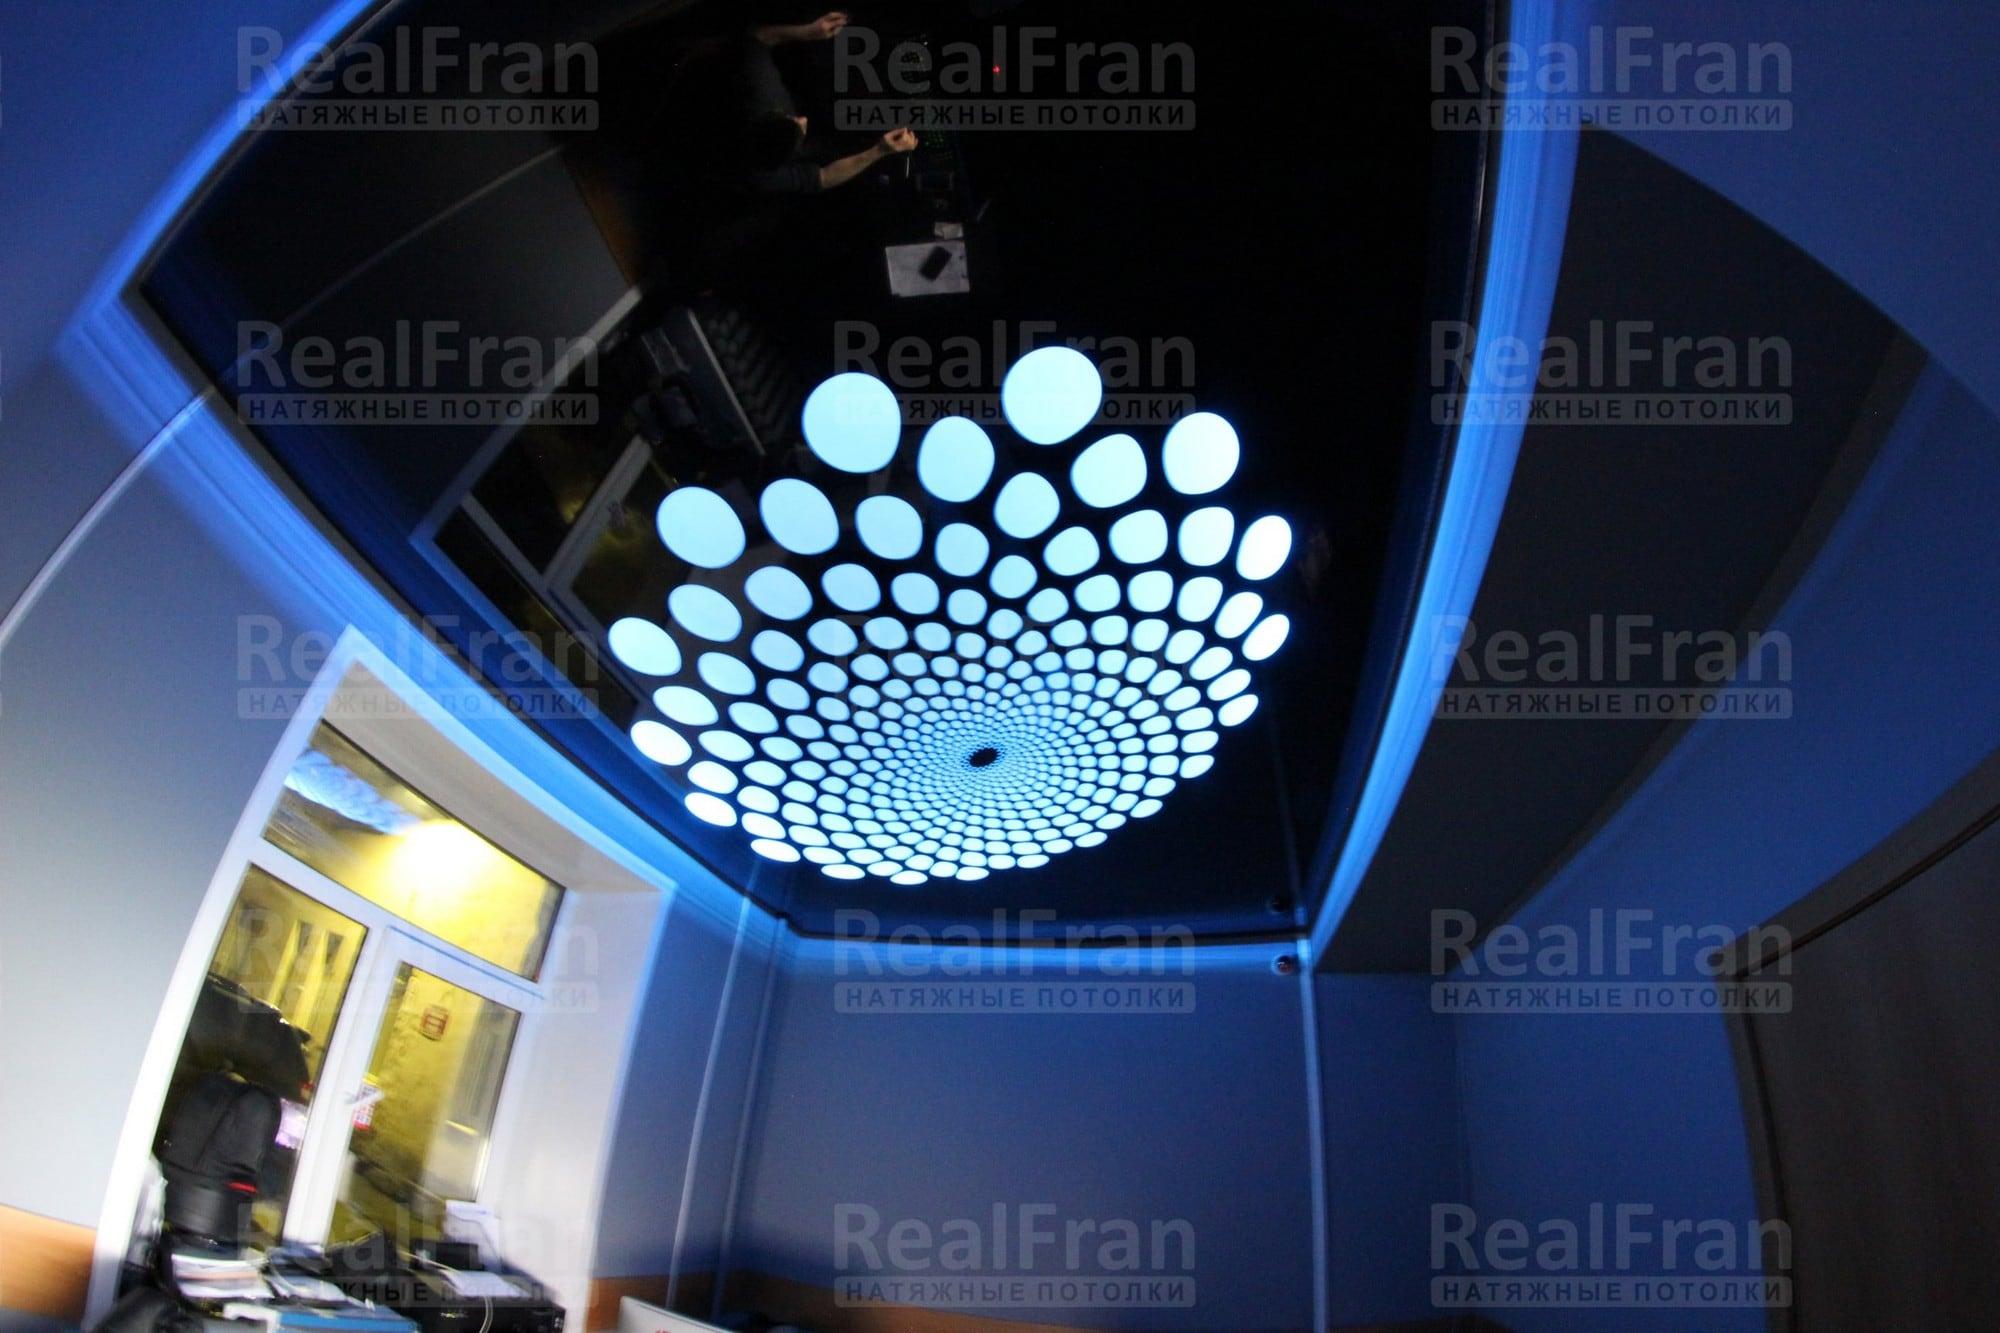 Натяжные потолки РеалФран